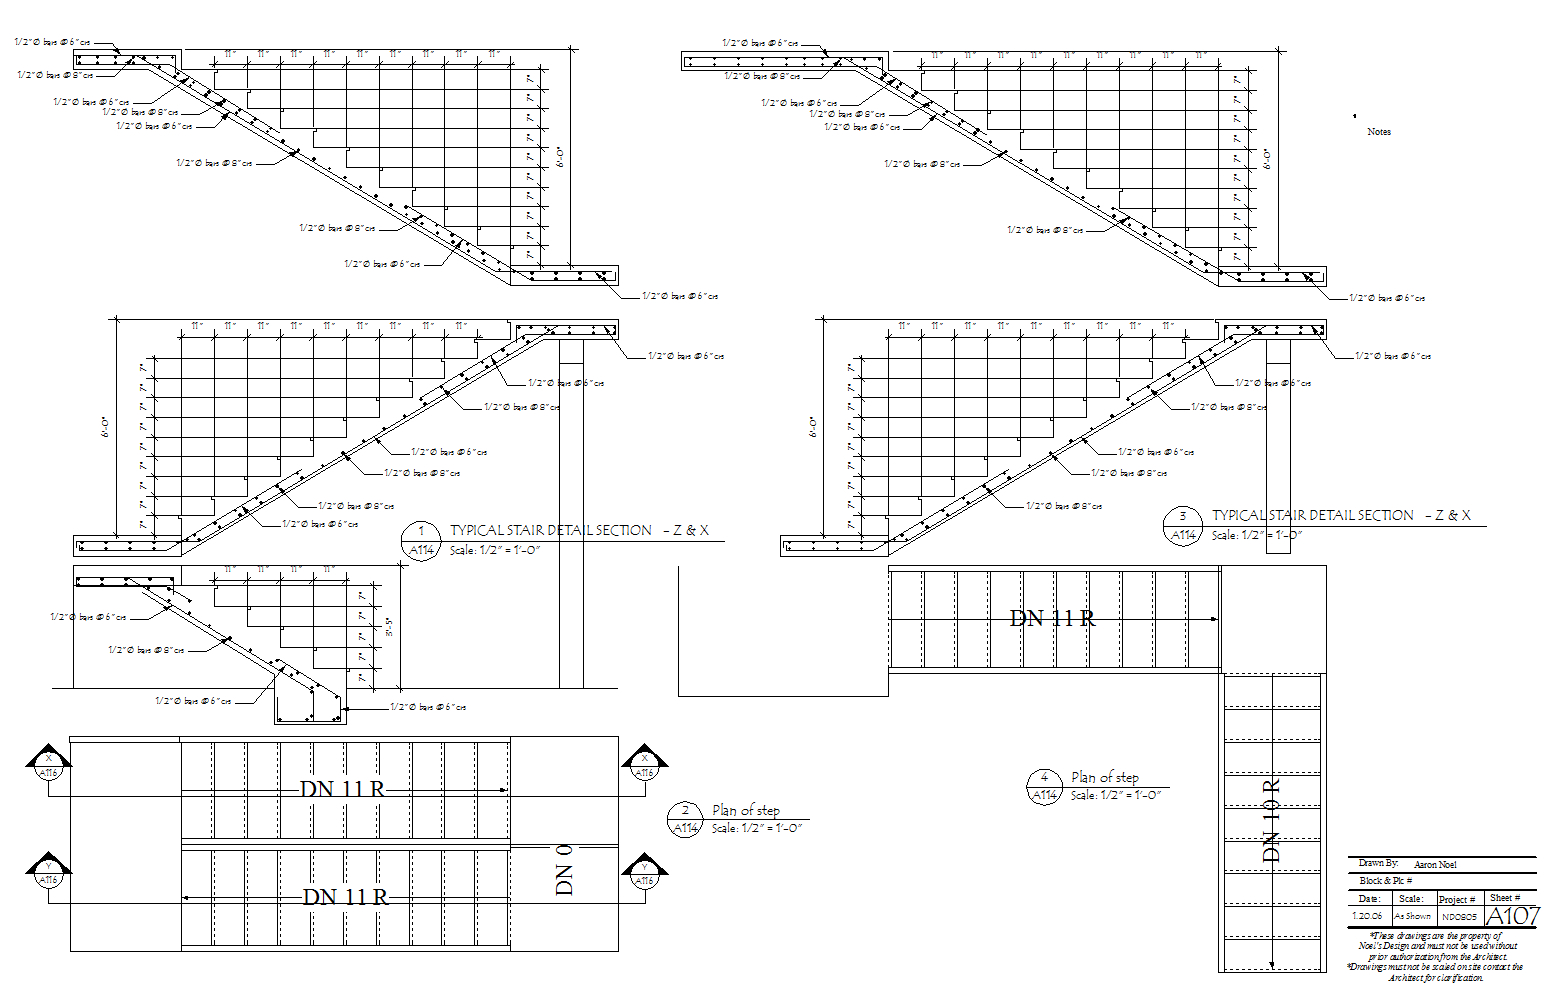 ND0805- stair Details v11 v12.m